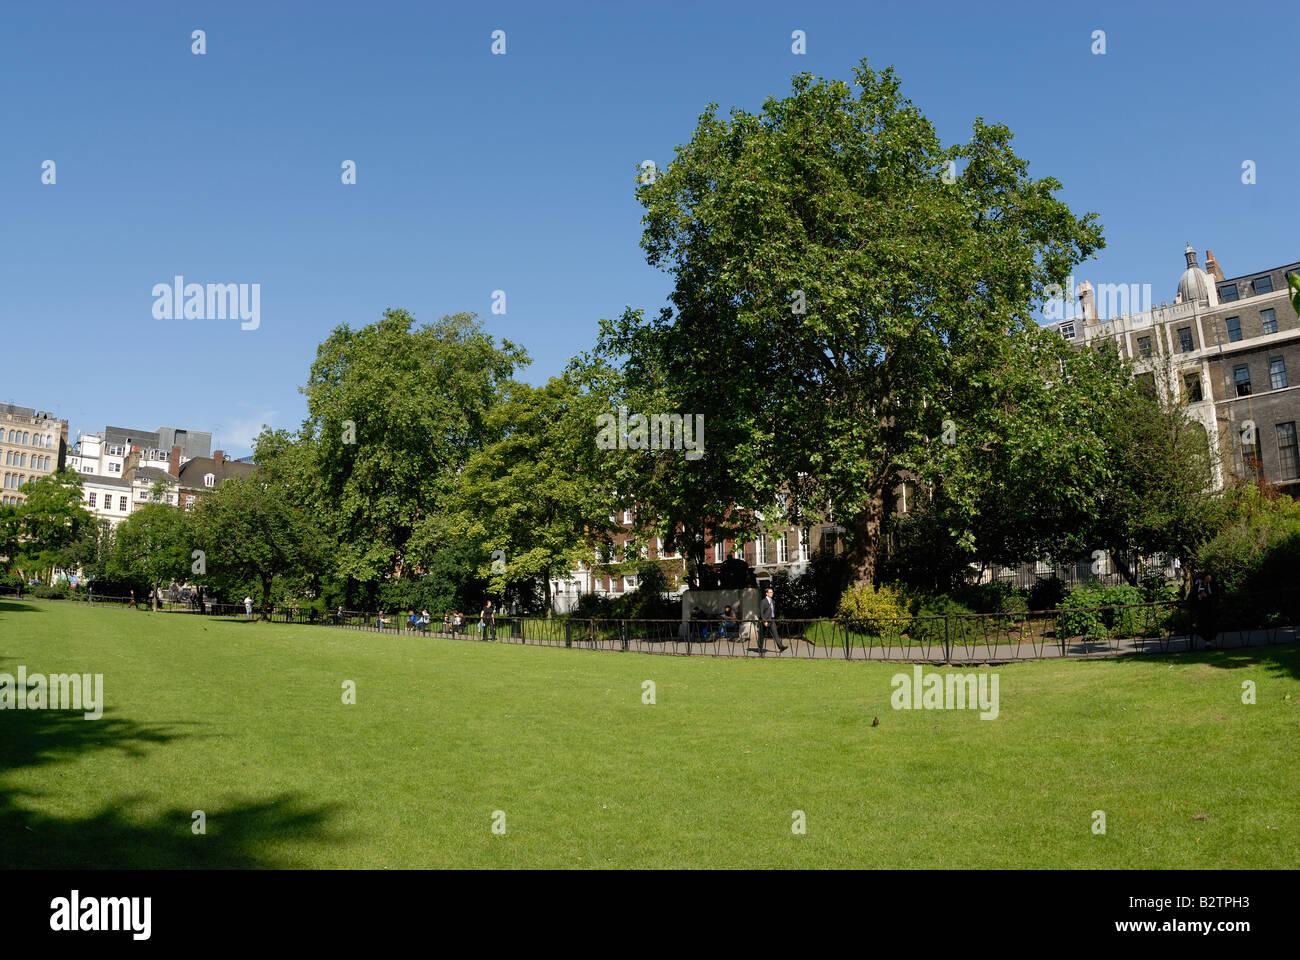 Lincoln's Inn Fields, London - Stock Image